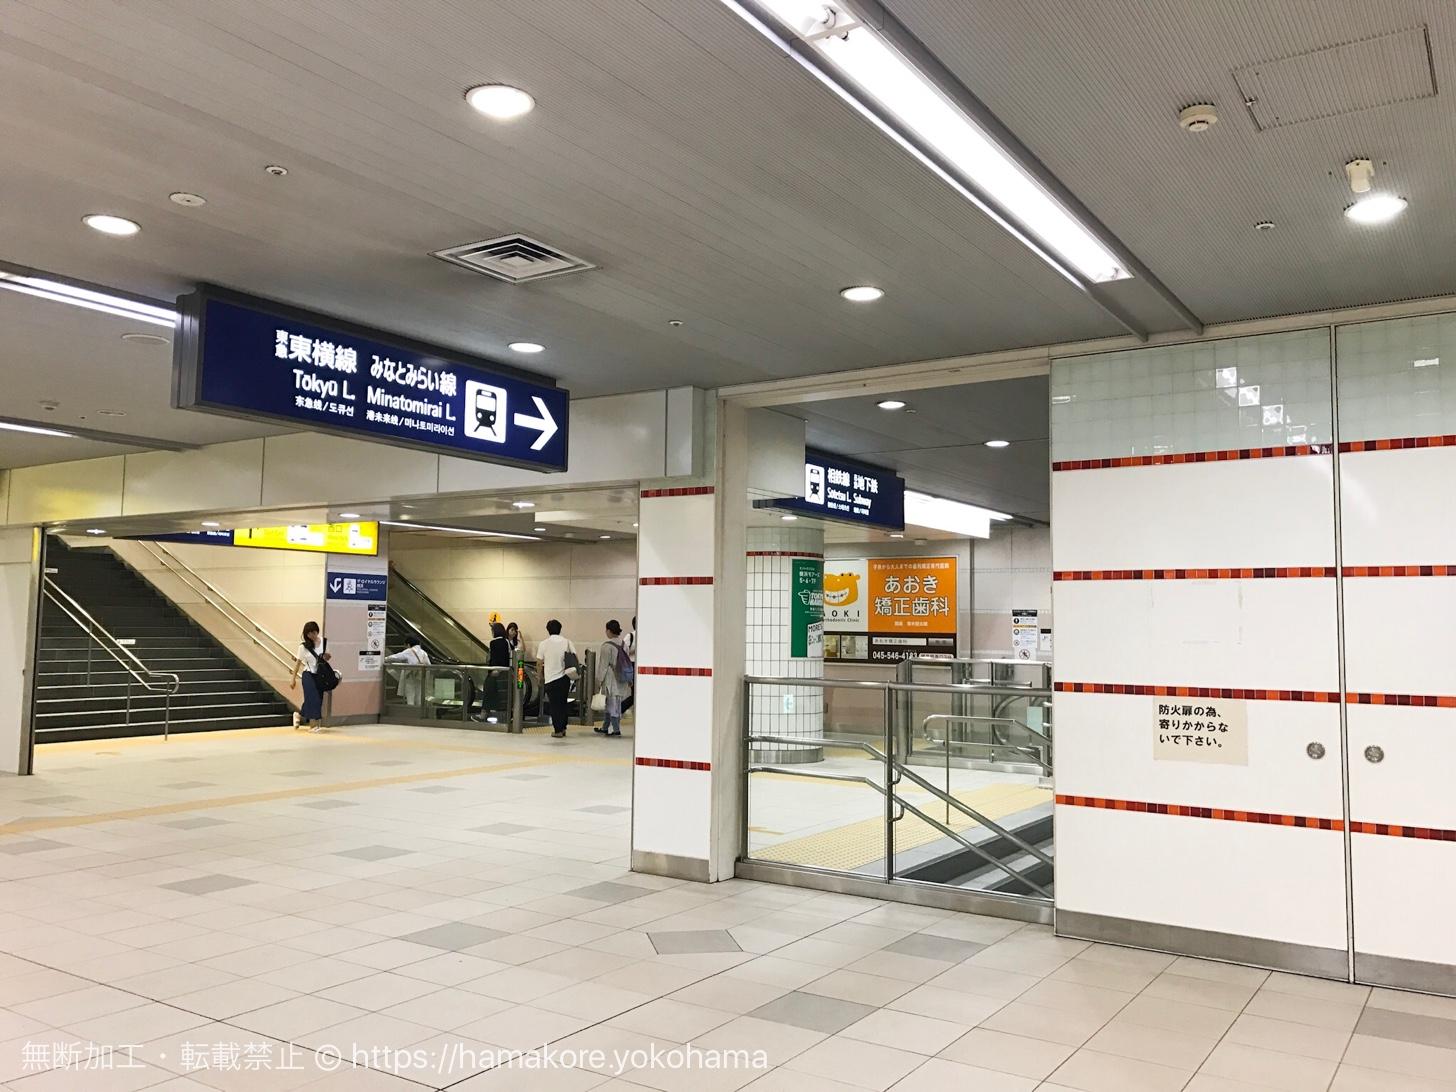 ザ・ロイヤルカフェ横浜のあるフロア